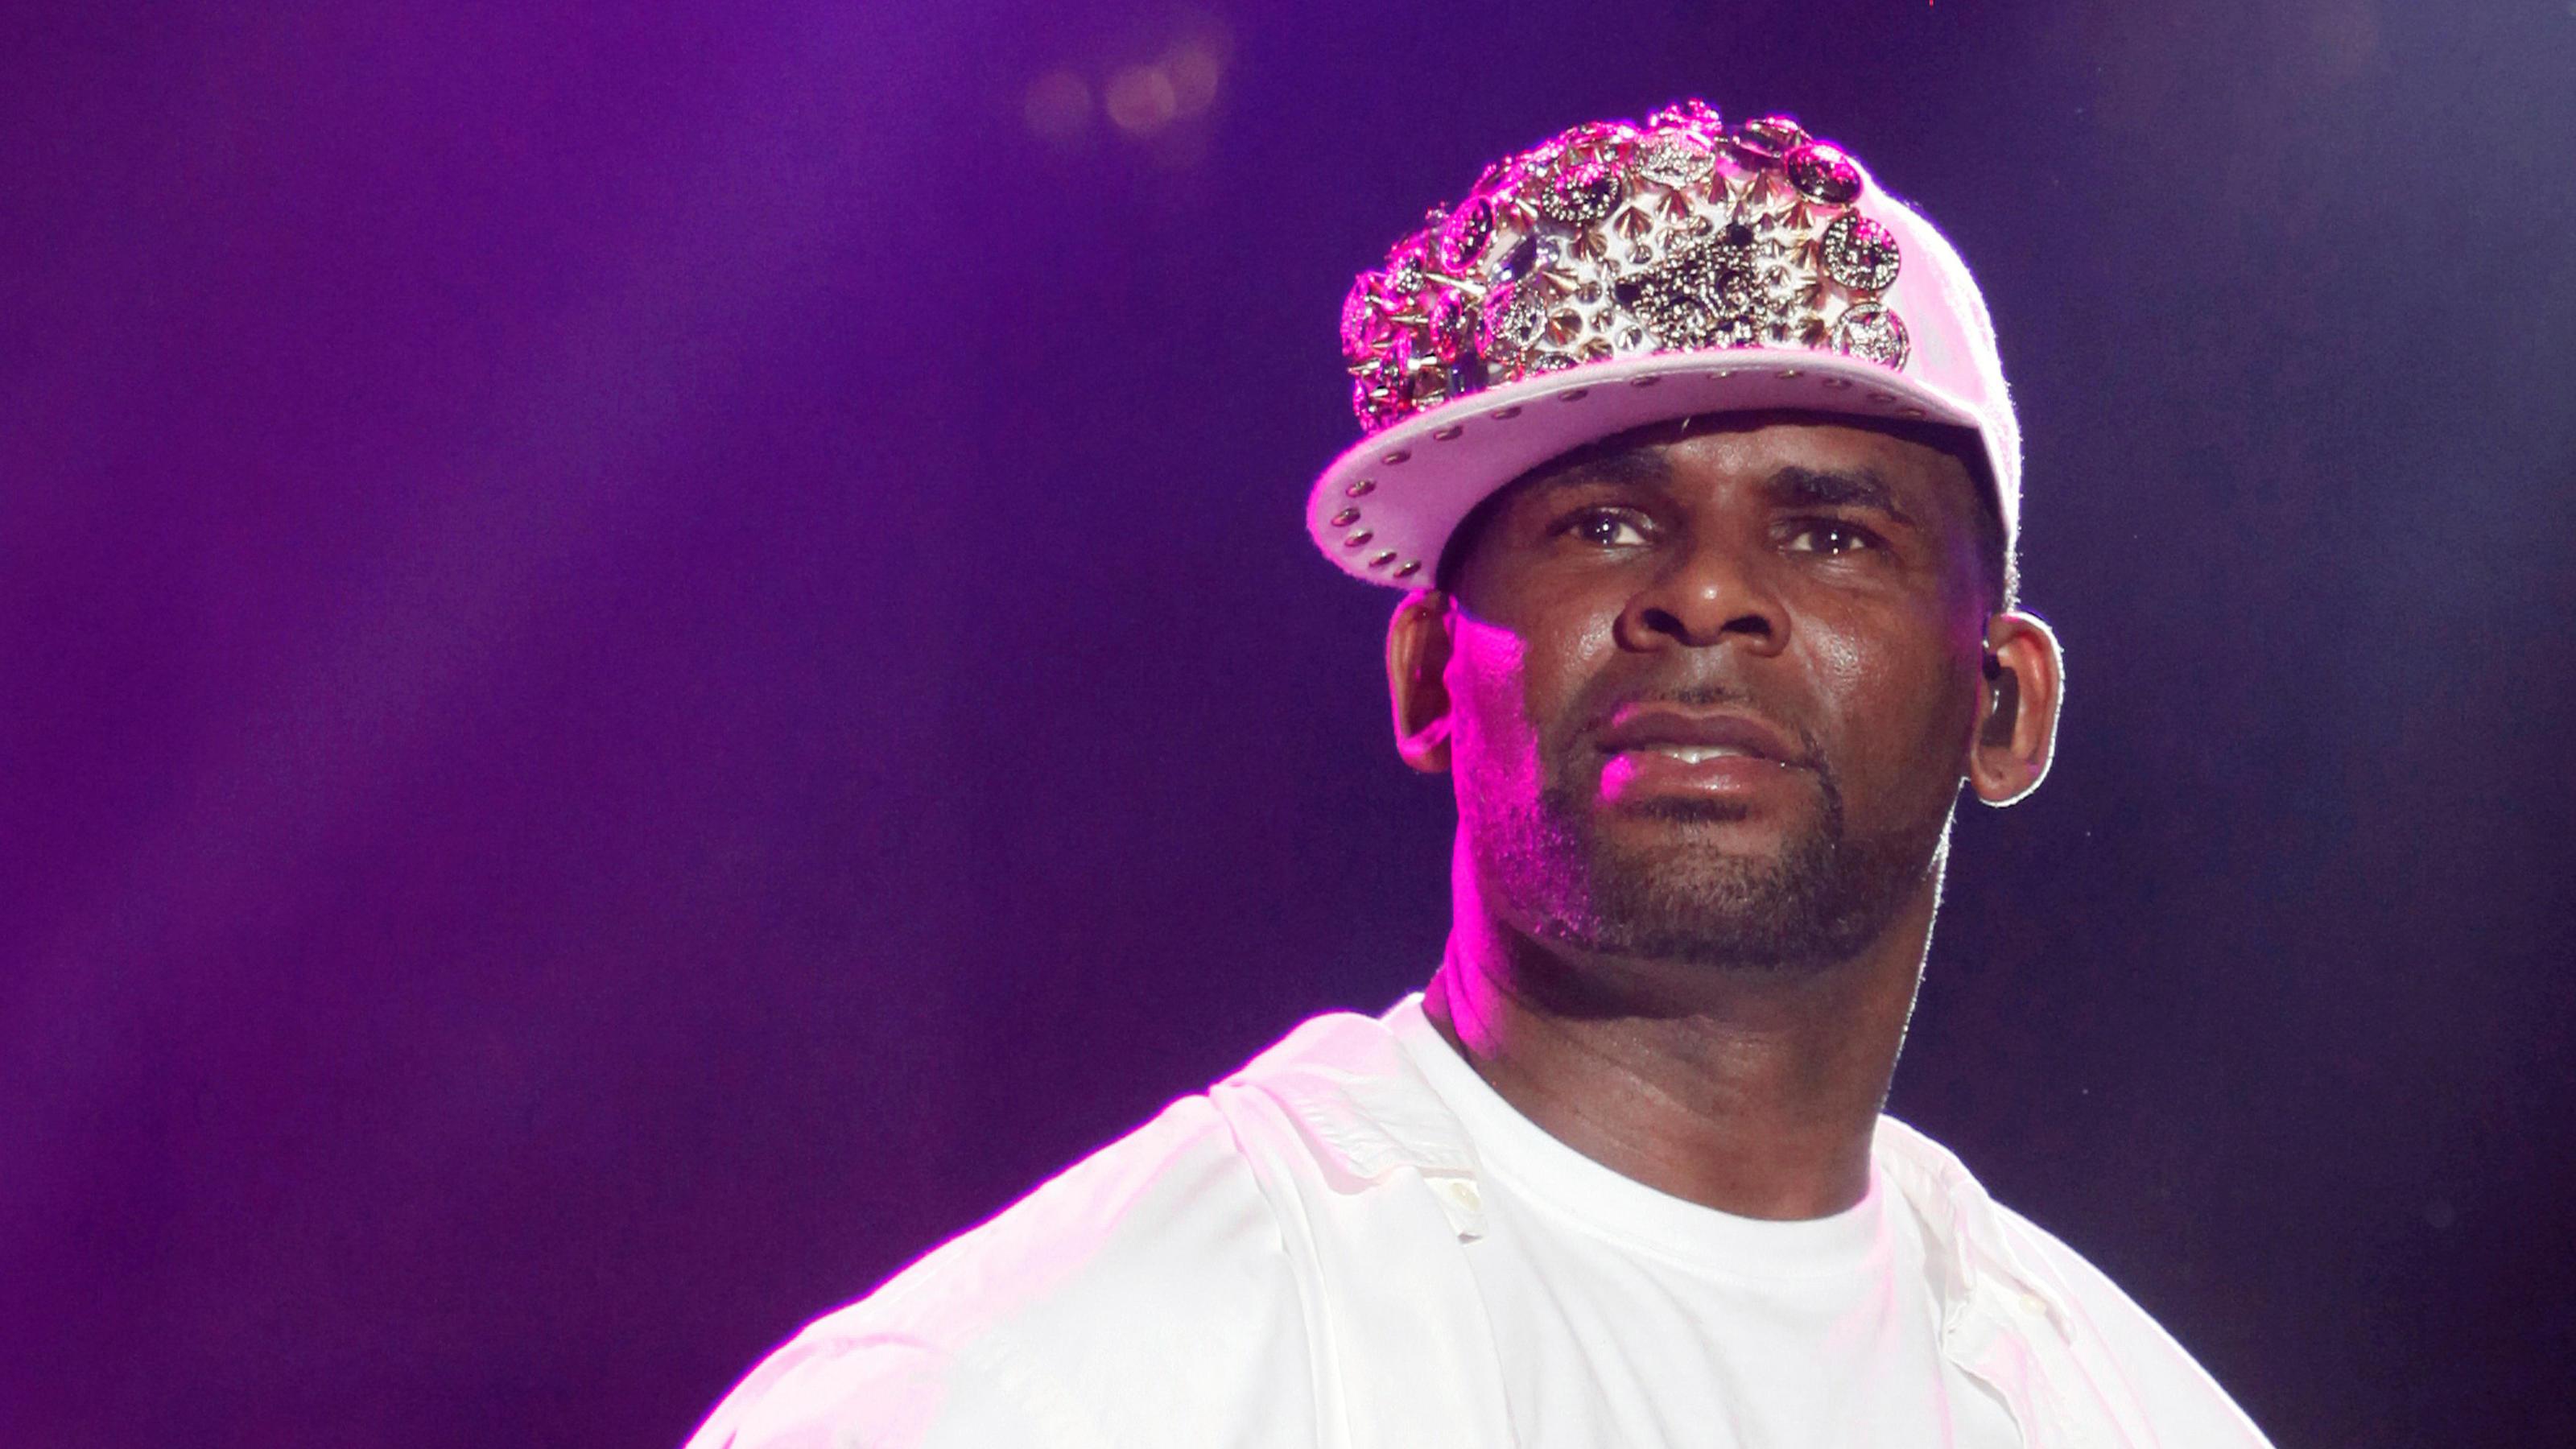 Laut Medienberichten: Sony Music trennt sich von Sänger R. Kelly